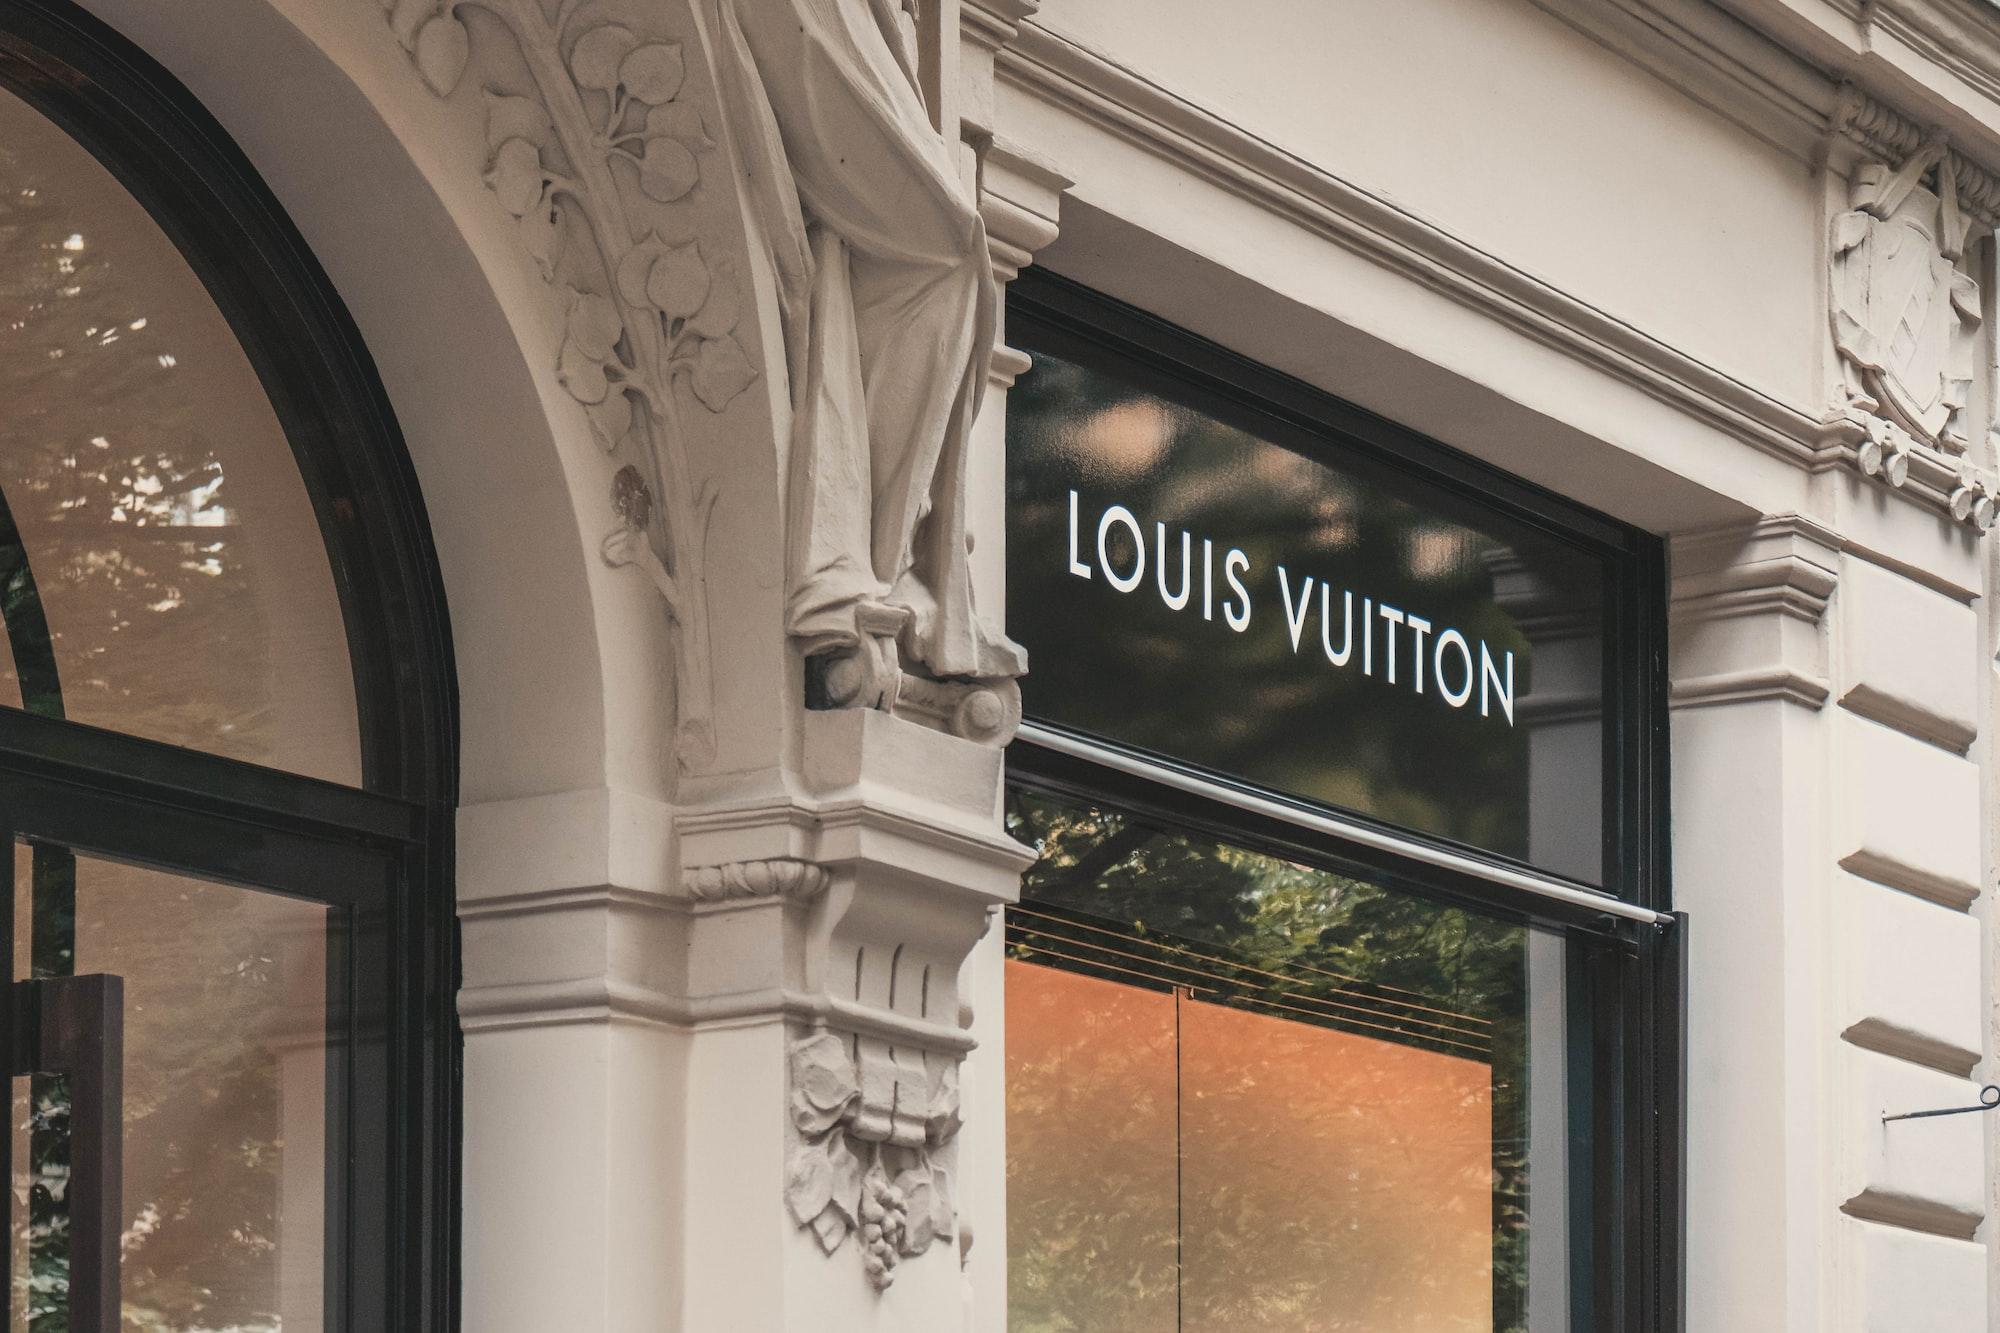 Louis Vuitton aposta nos AirPods como acessório de moda